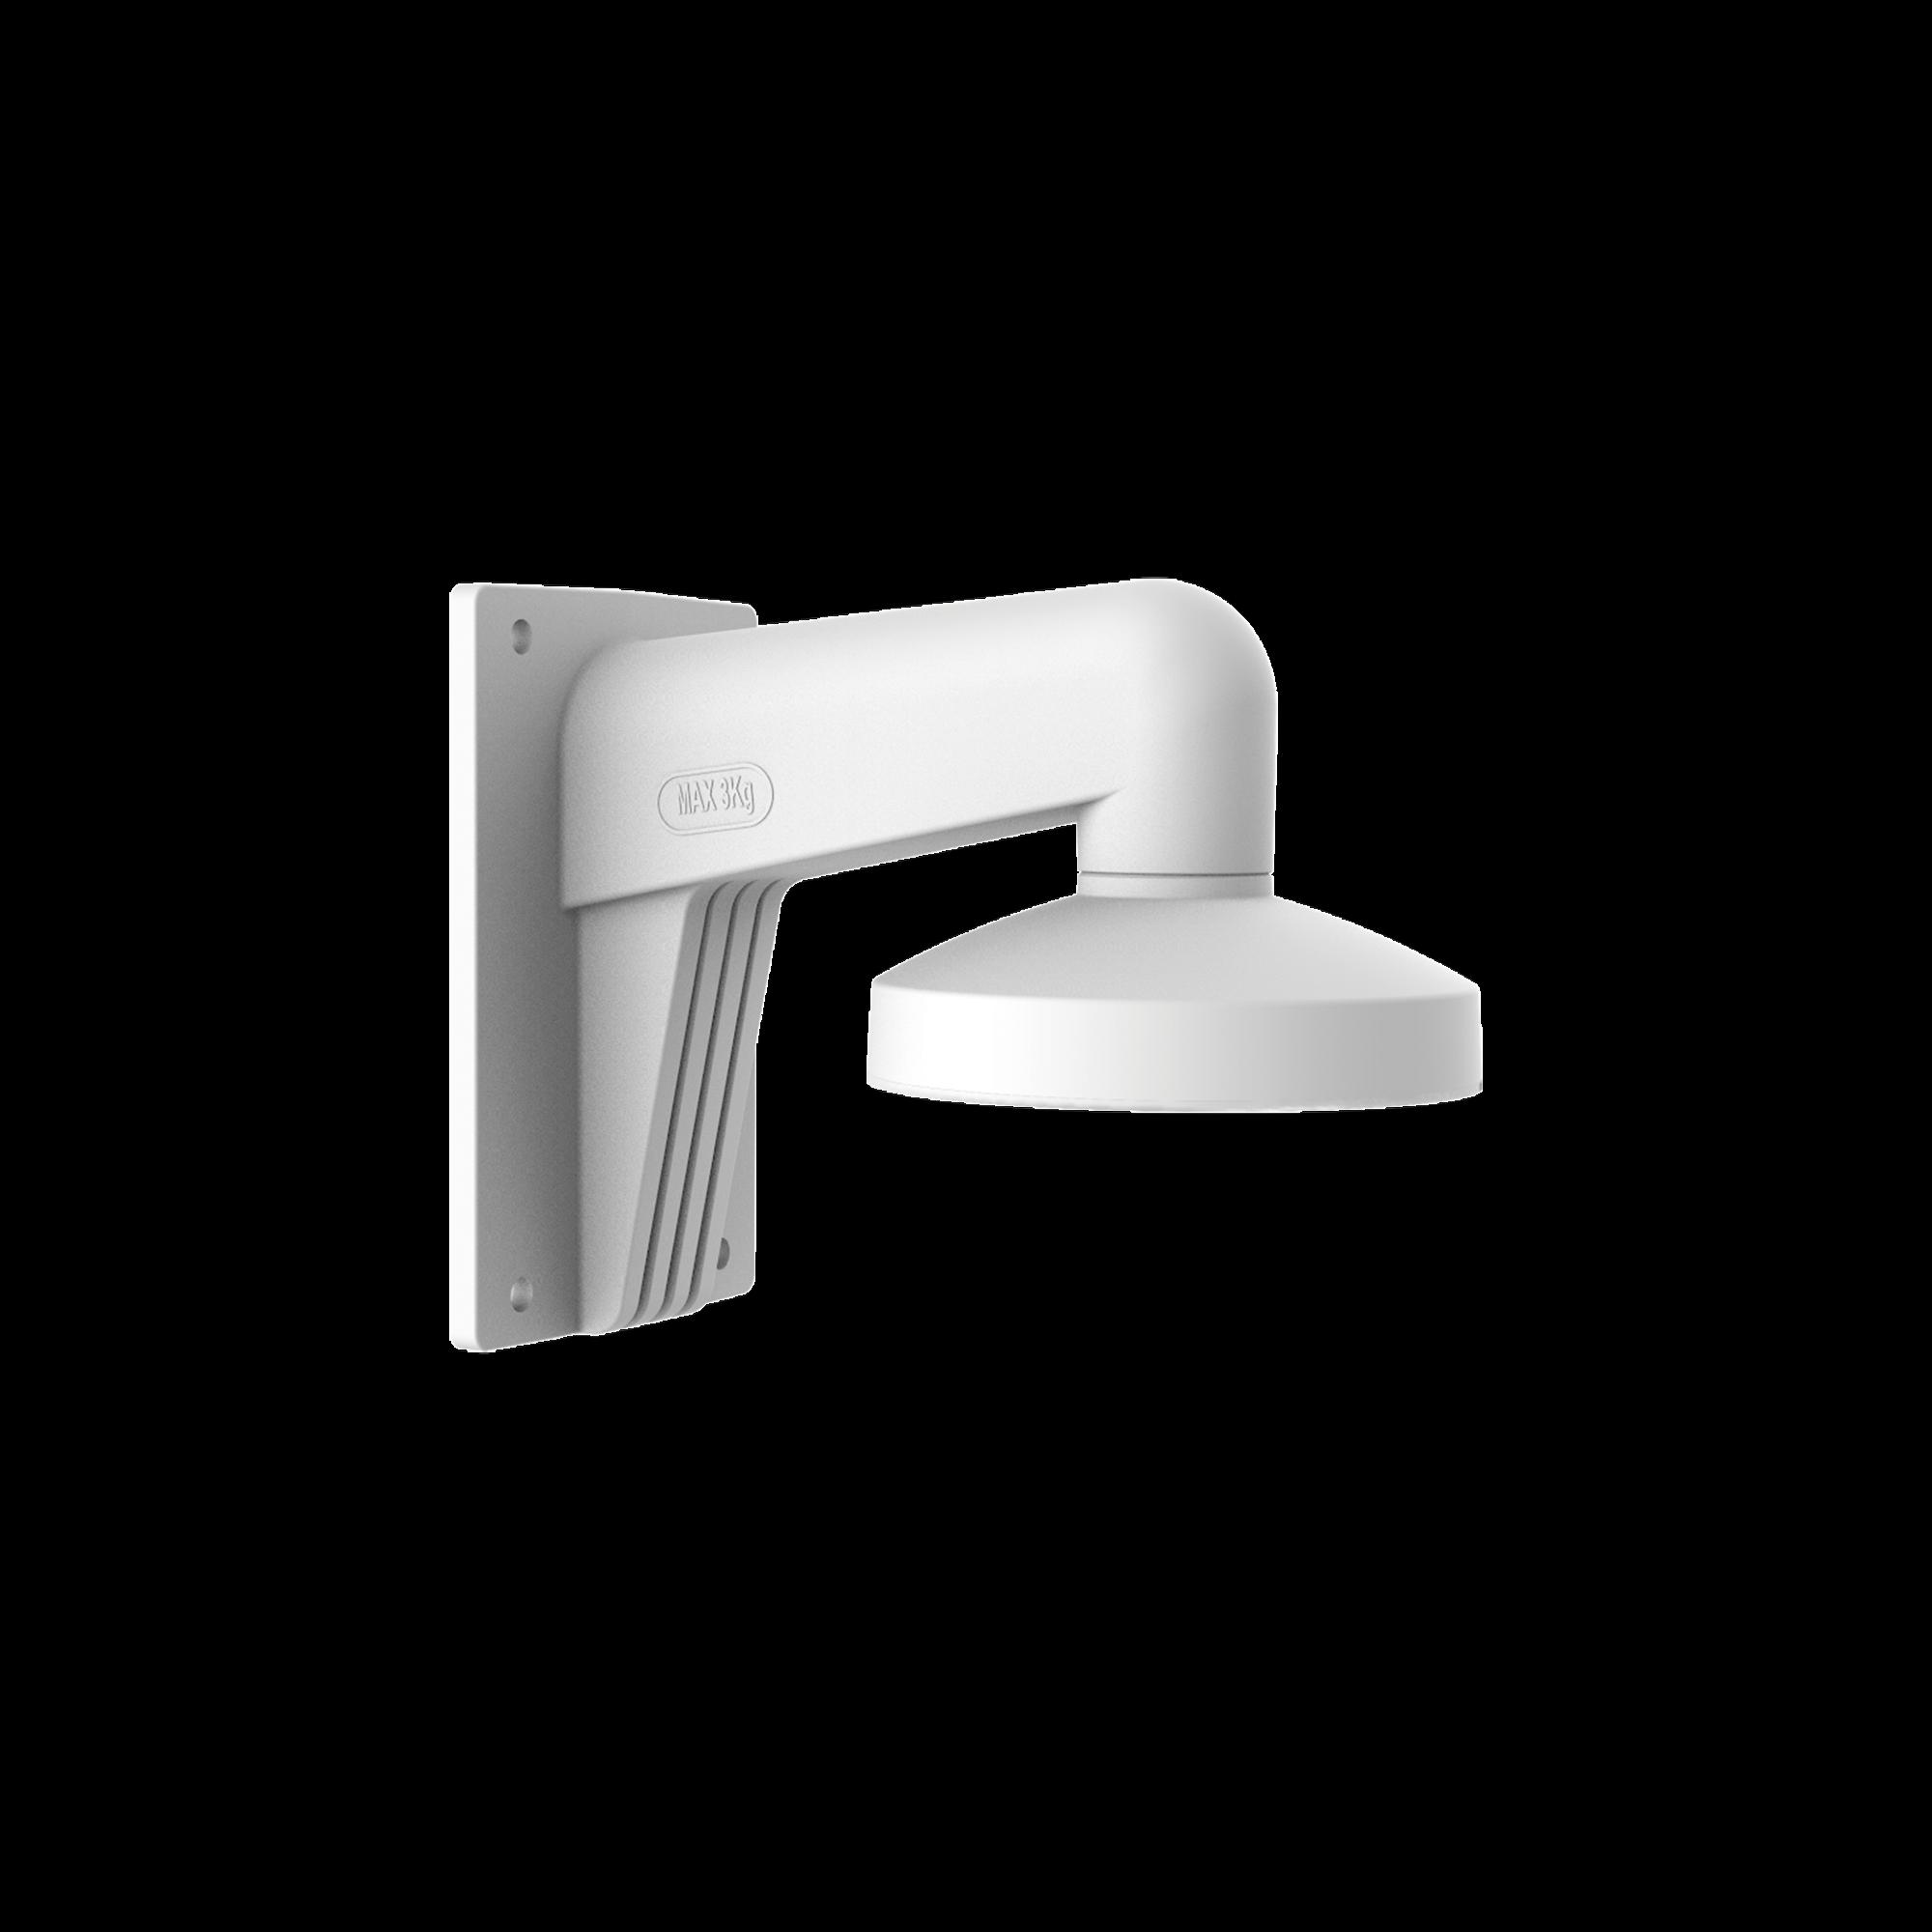 Montaje de Pared para Domos TURBOHD 4K / Uso en Exterior / Fabricados en Aluminio